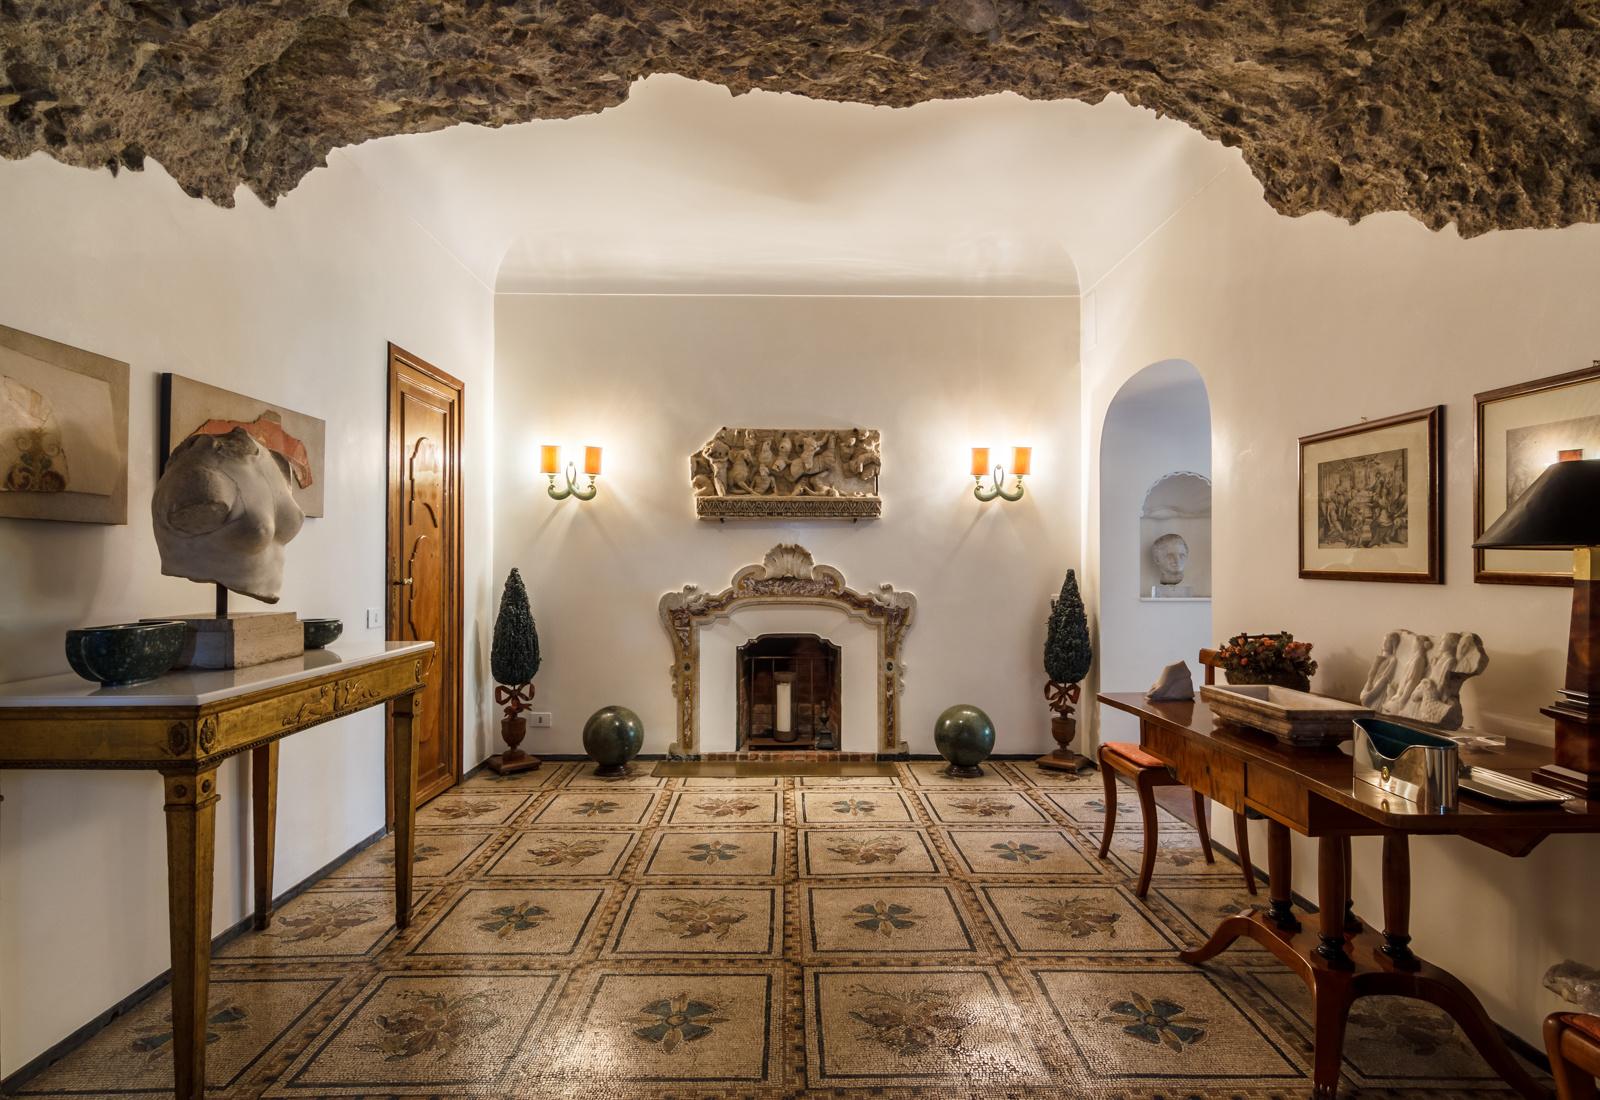 Продается бывшая вилла Софи Лорен в Риме (галерея 3, фото 2)